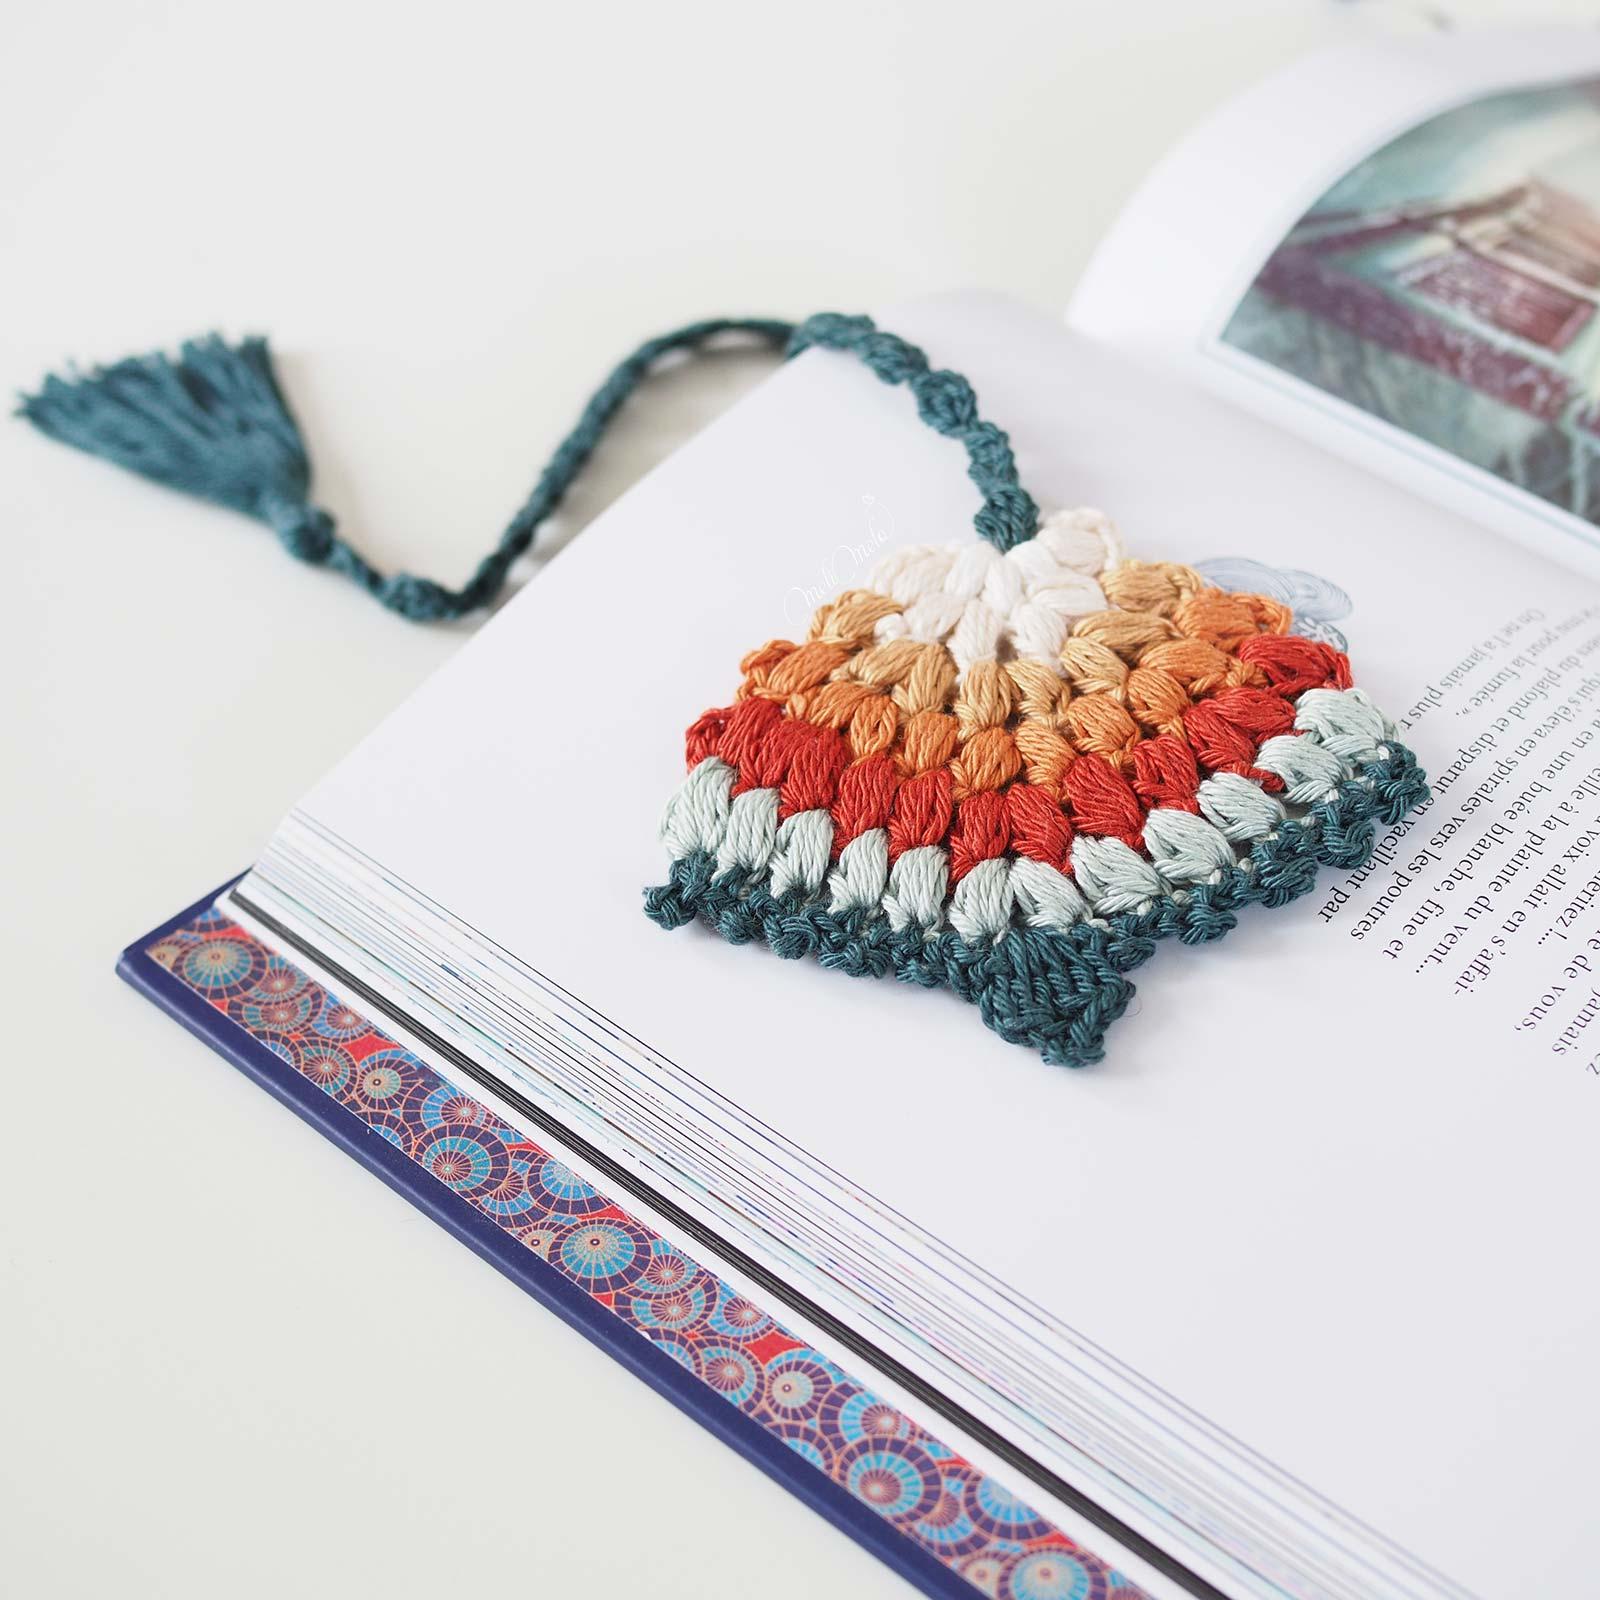 marque-page-crochet-tassel-couleur-automne-laboutiquedemelimelo